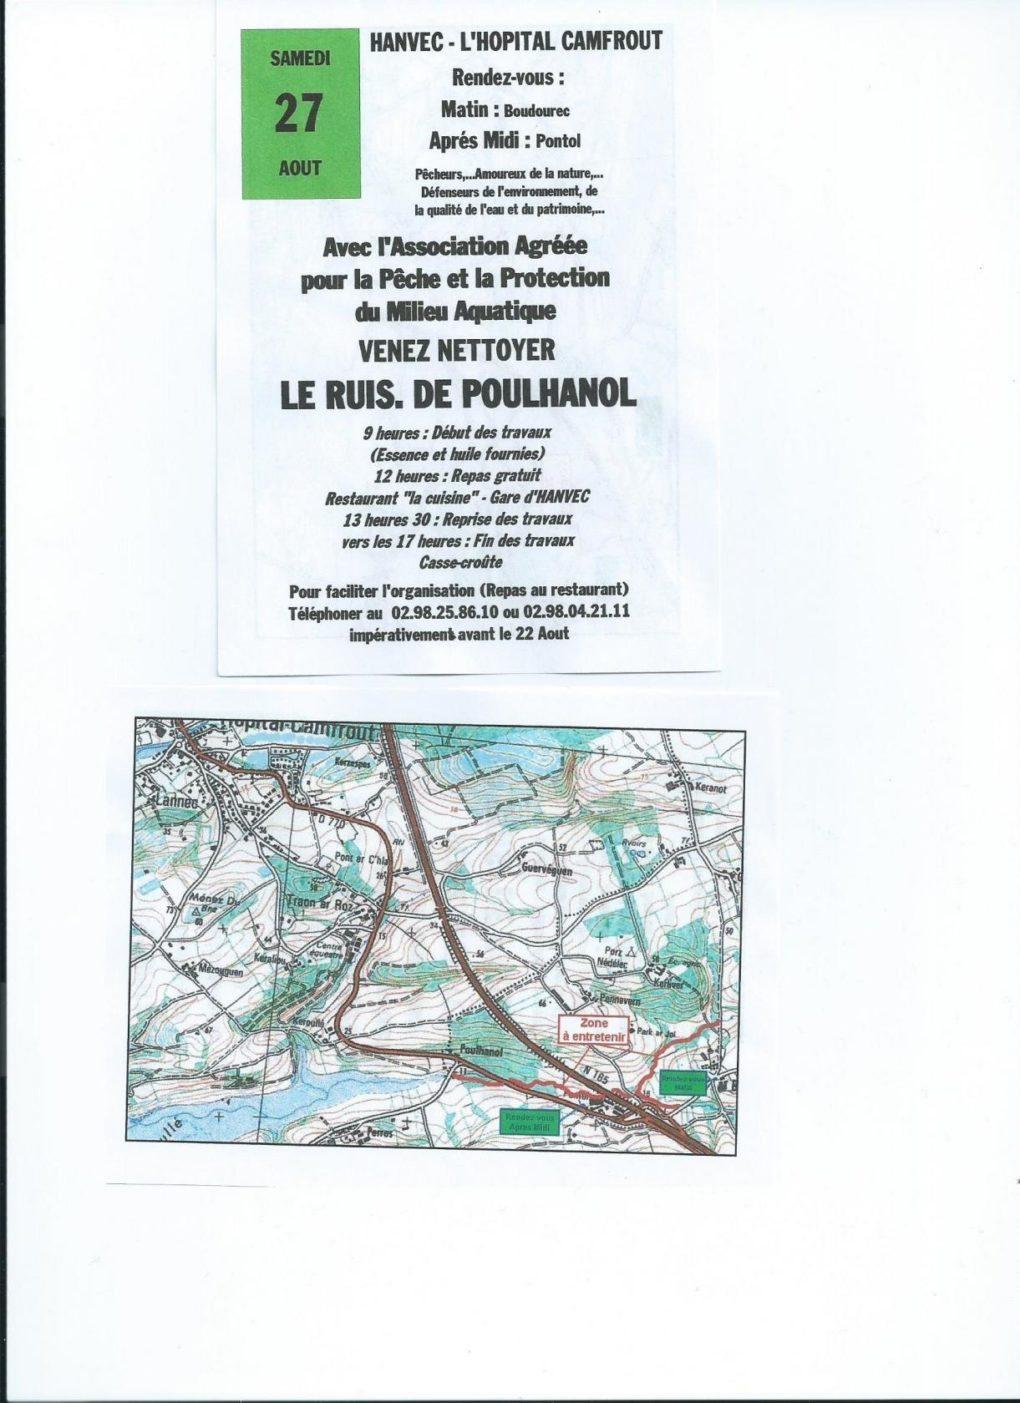 Nettoyage de rivière Le Poulhanol Hanvec